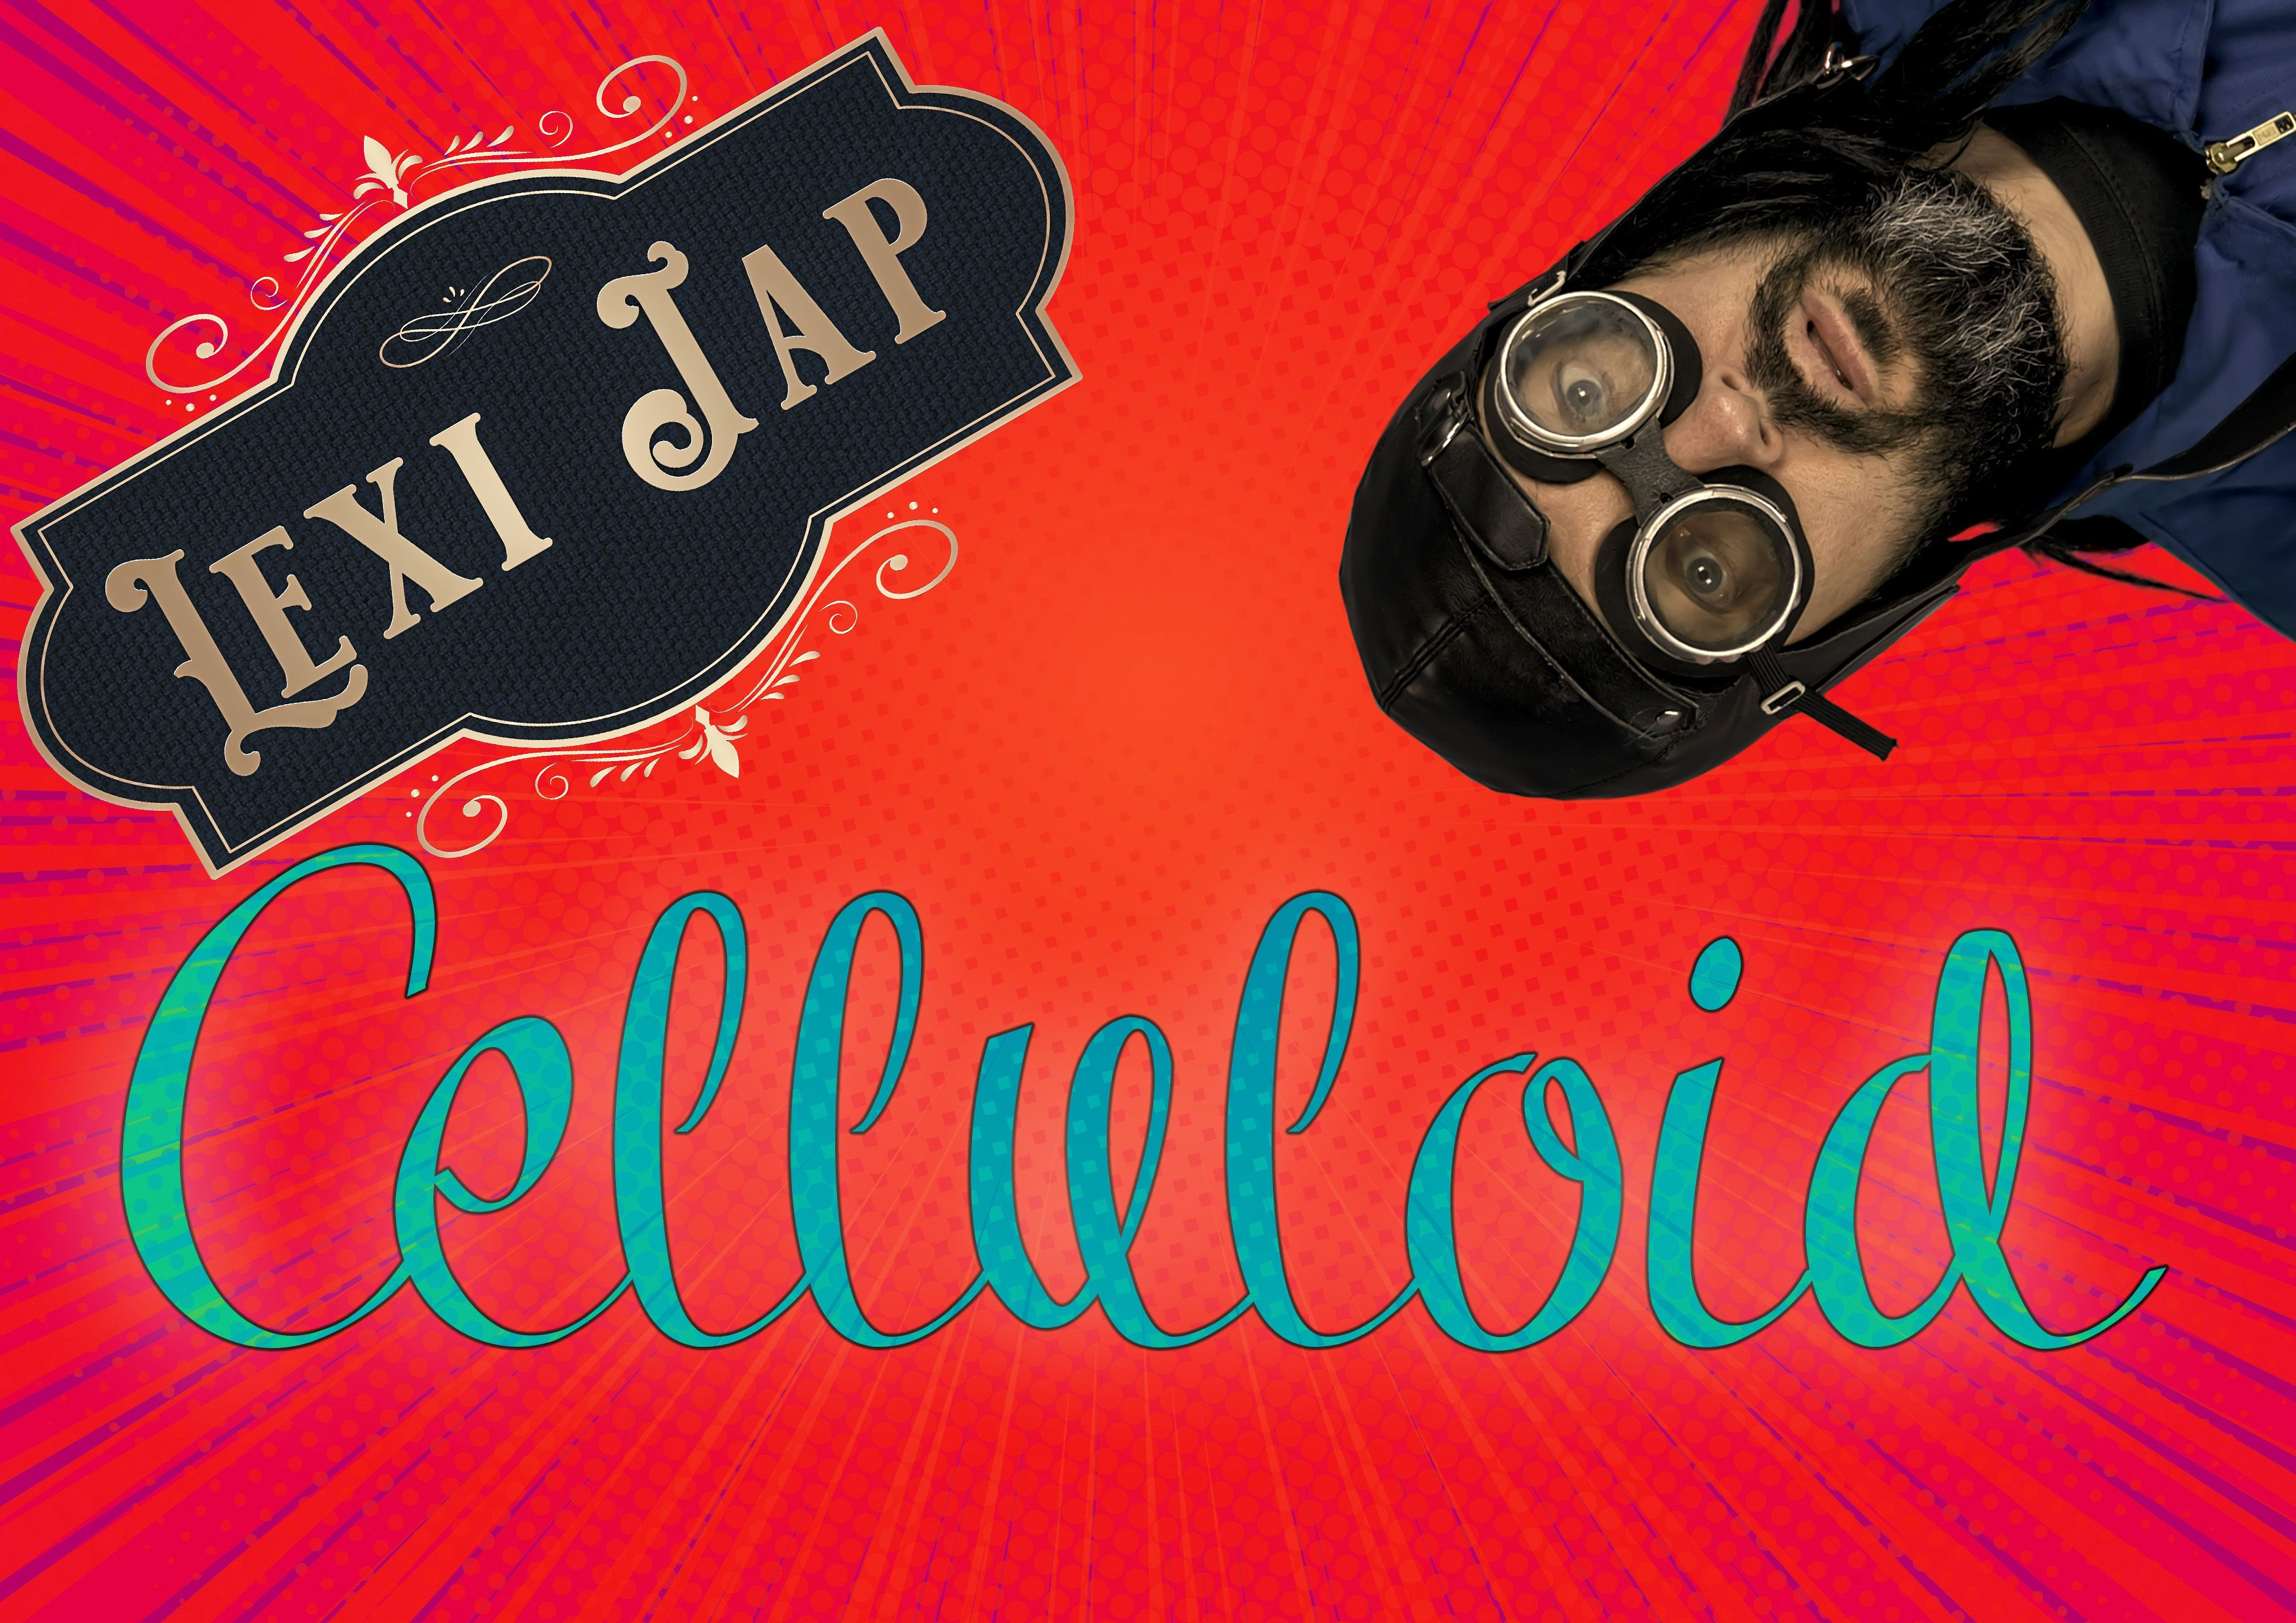 LexiJap-Celluloid.jpg